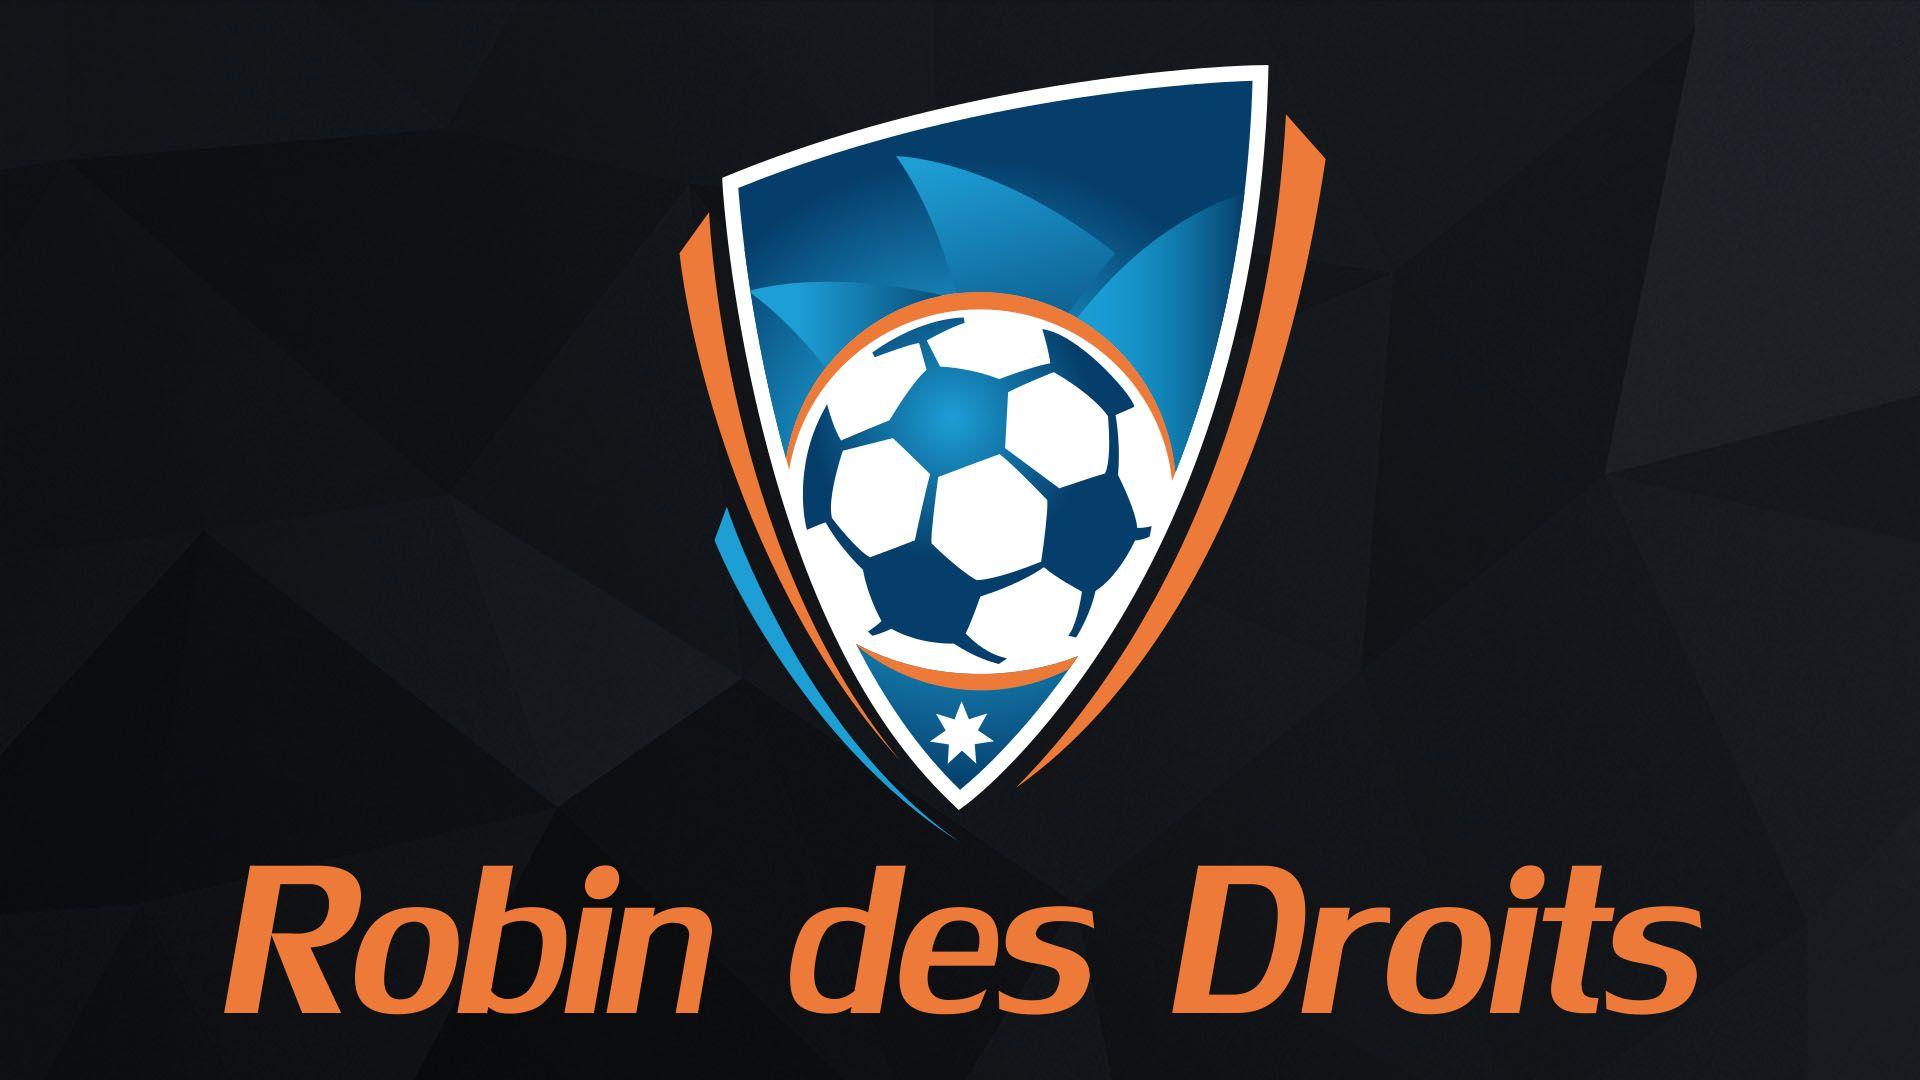 Liga Robin